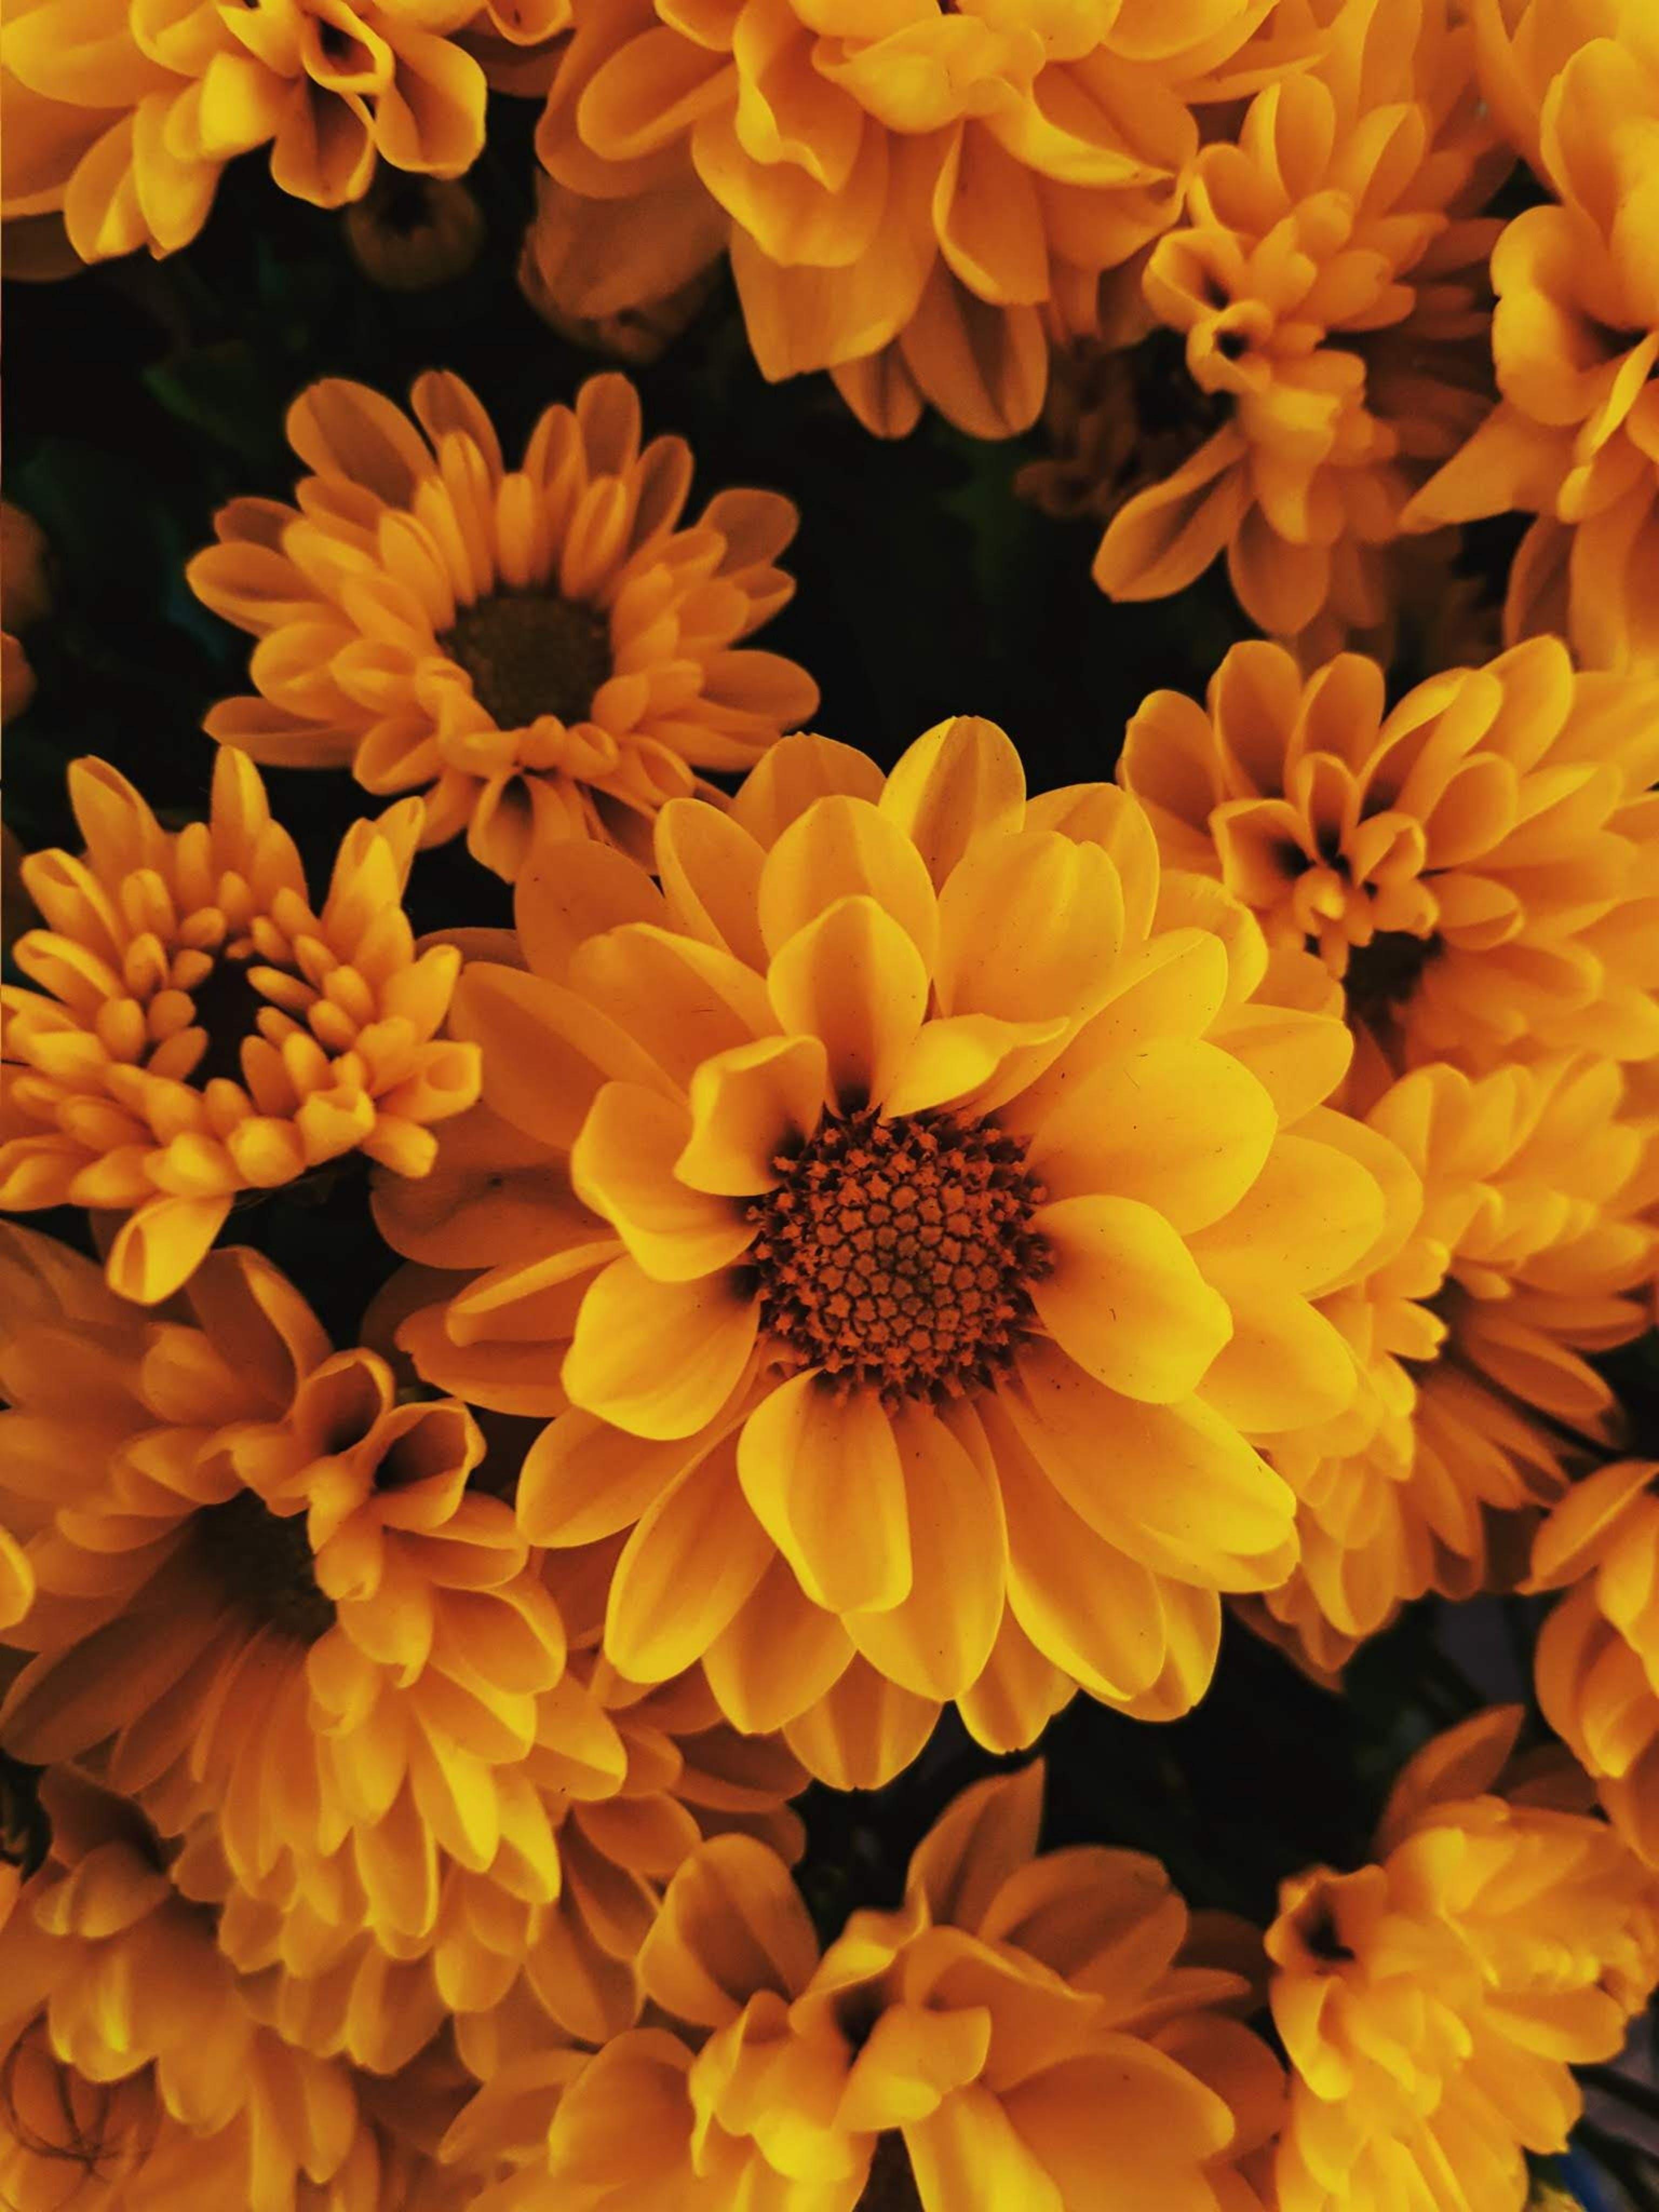 Gratis arkivbilde med blomster, blomsterblad, blomstre, bukett